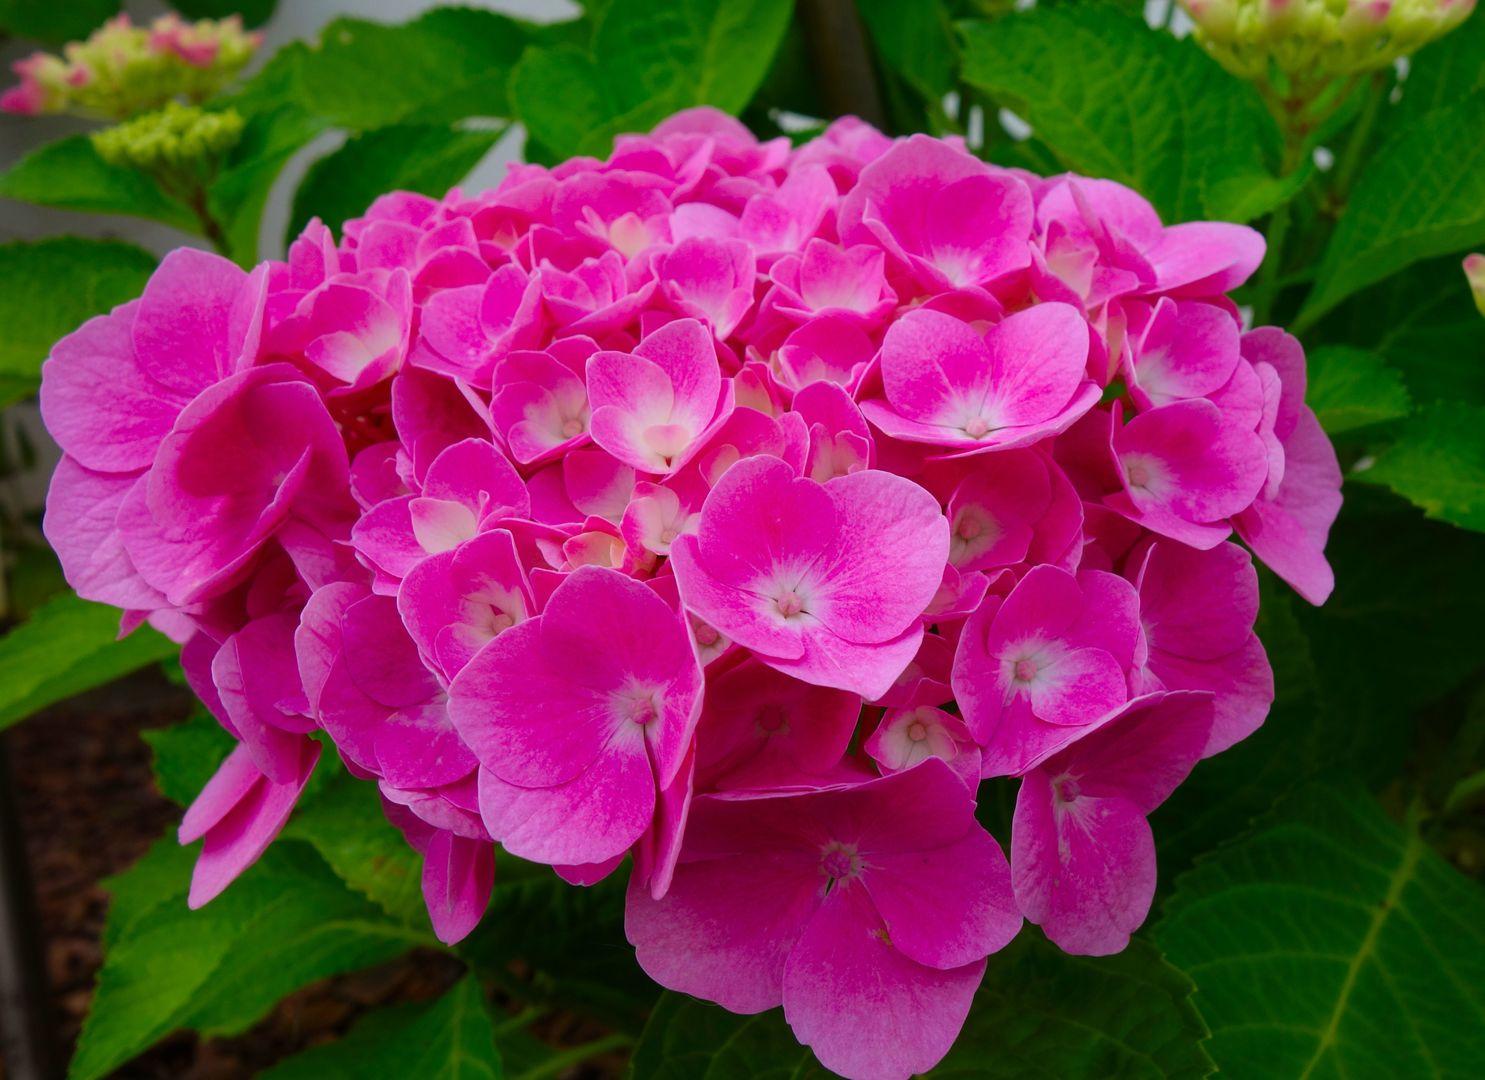 Descubre Las Cuatro Flores Más Bonitas De La Temporada De Julio Aepjp